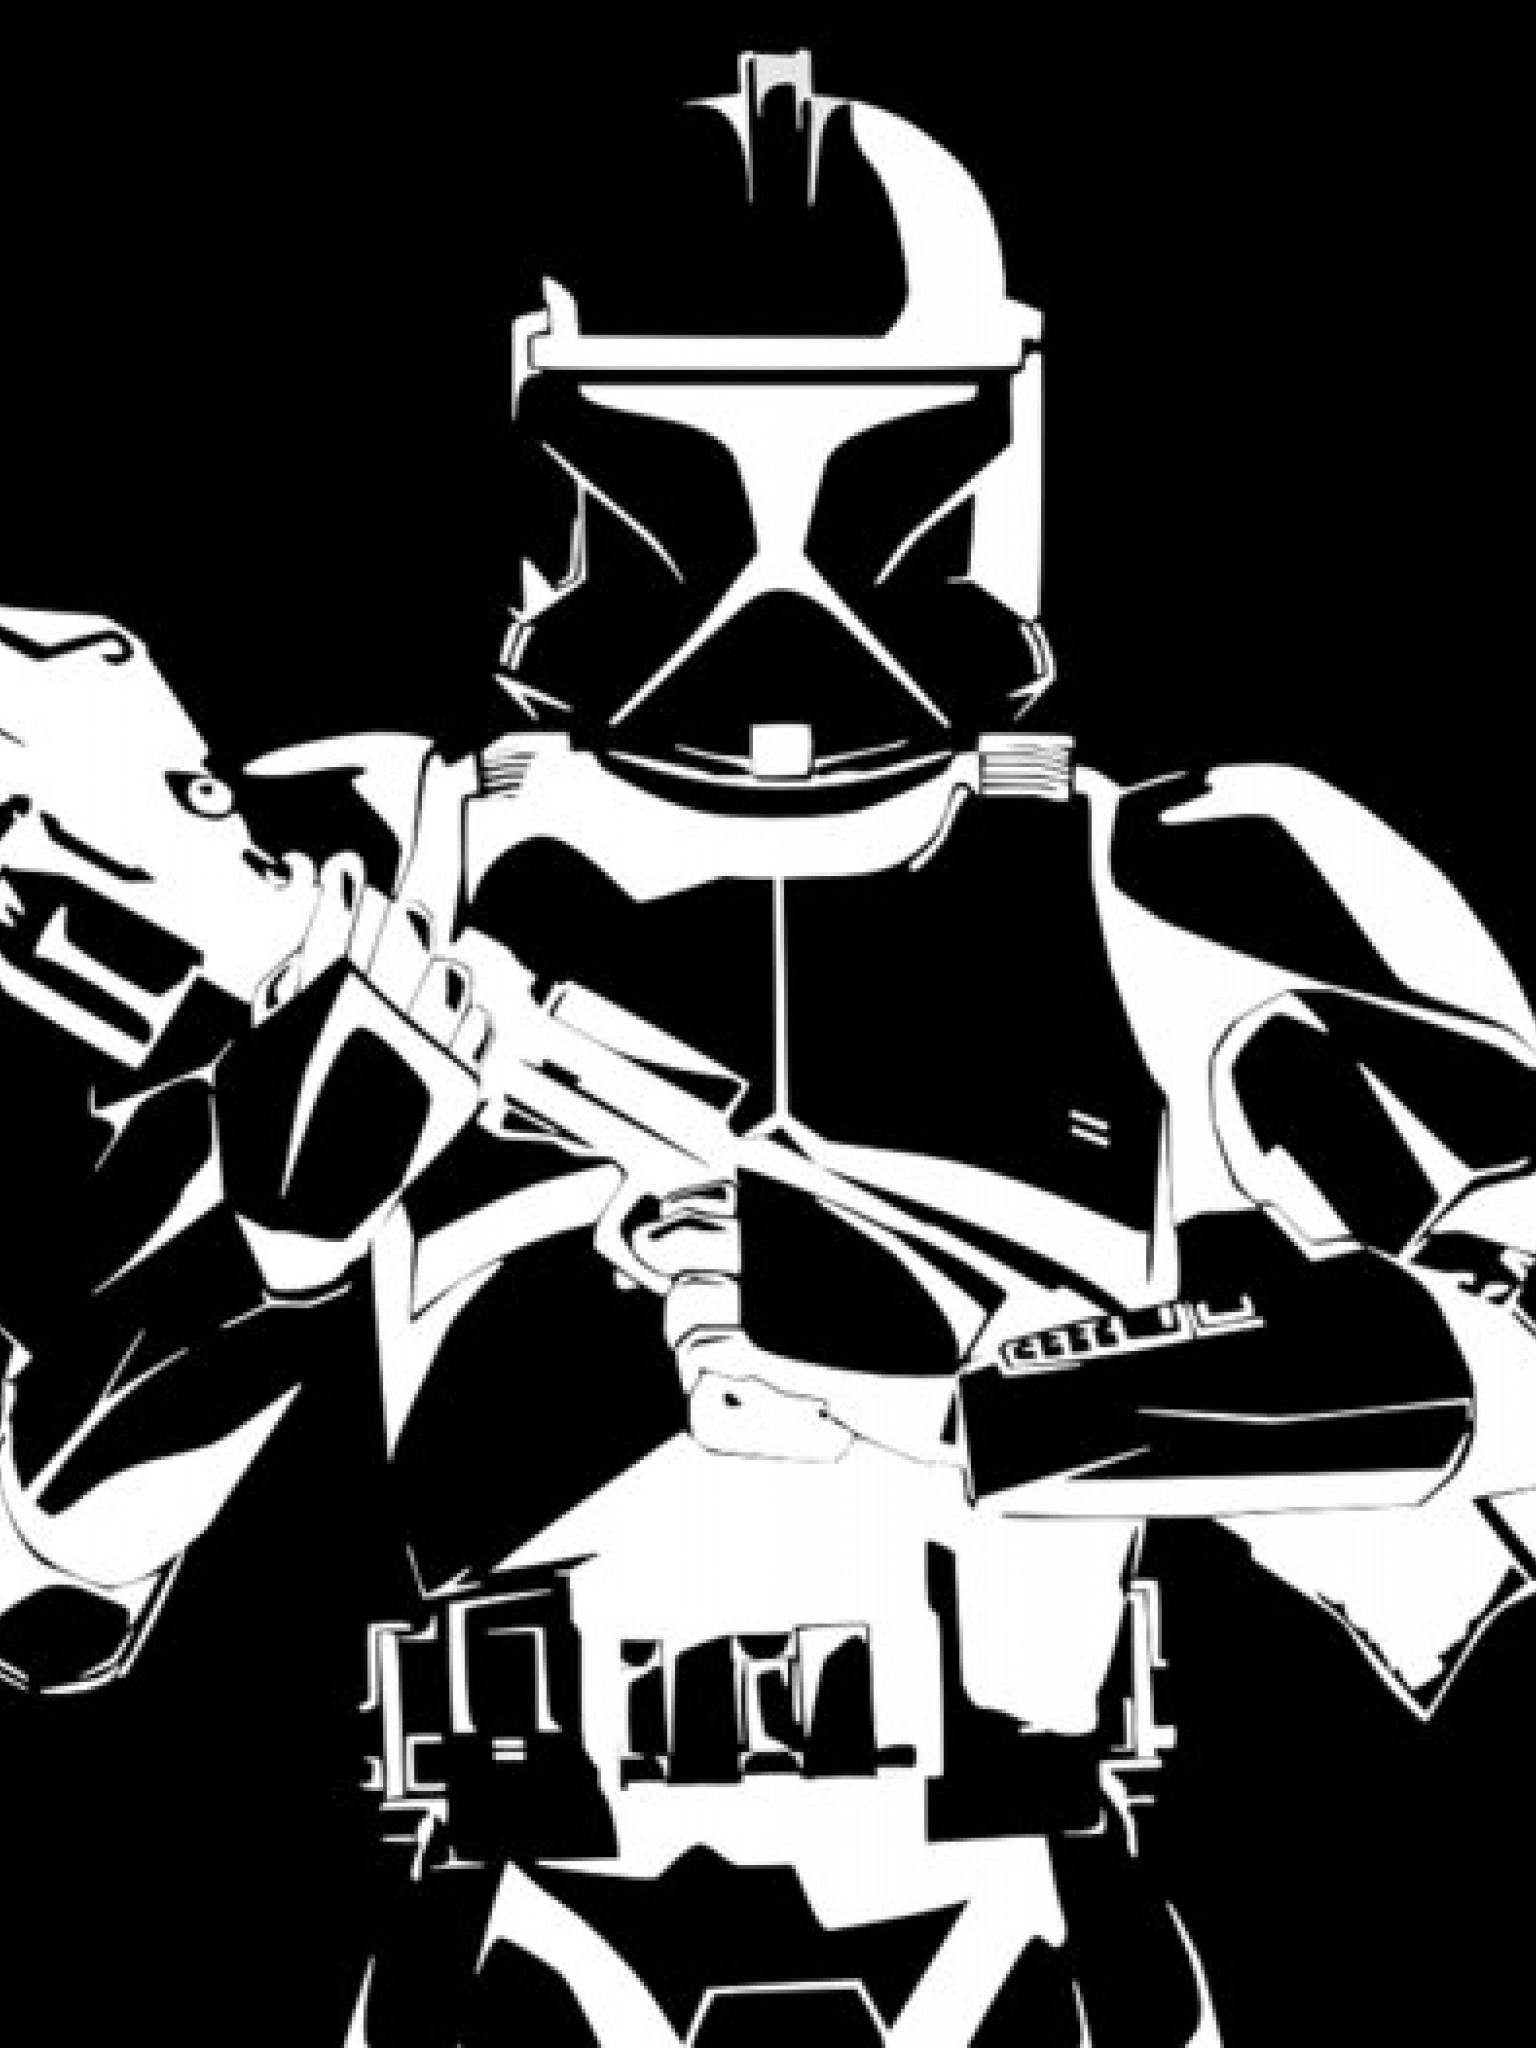 Black And White Star Wars Hd Wallpaper Retina Ipad Hd Wallpaper